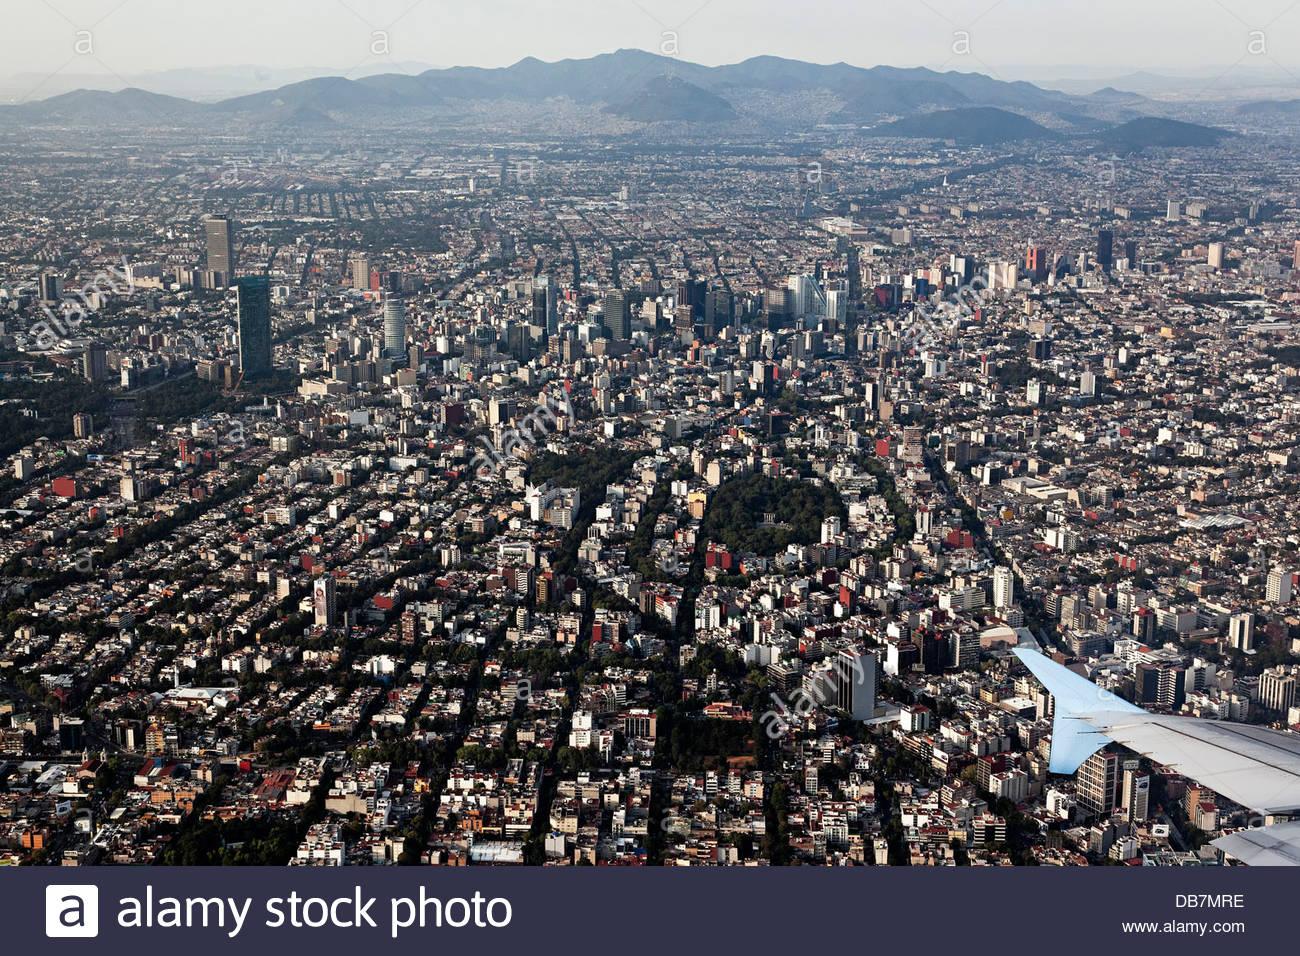 Vue aérienne sur la ville de Mexico Photo Stock